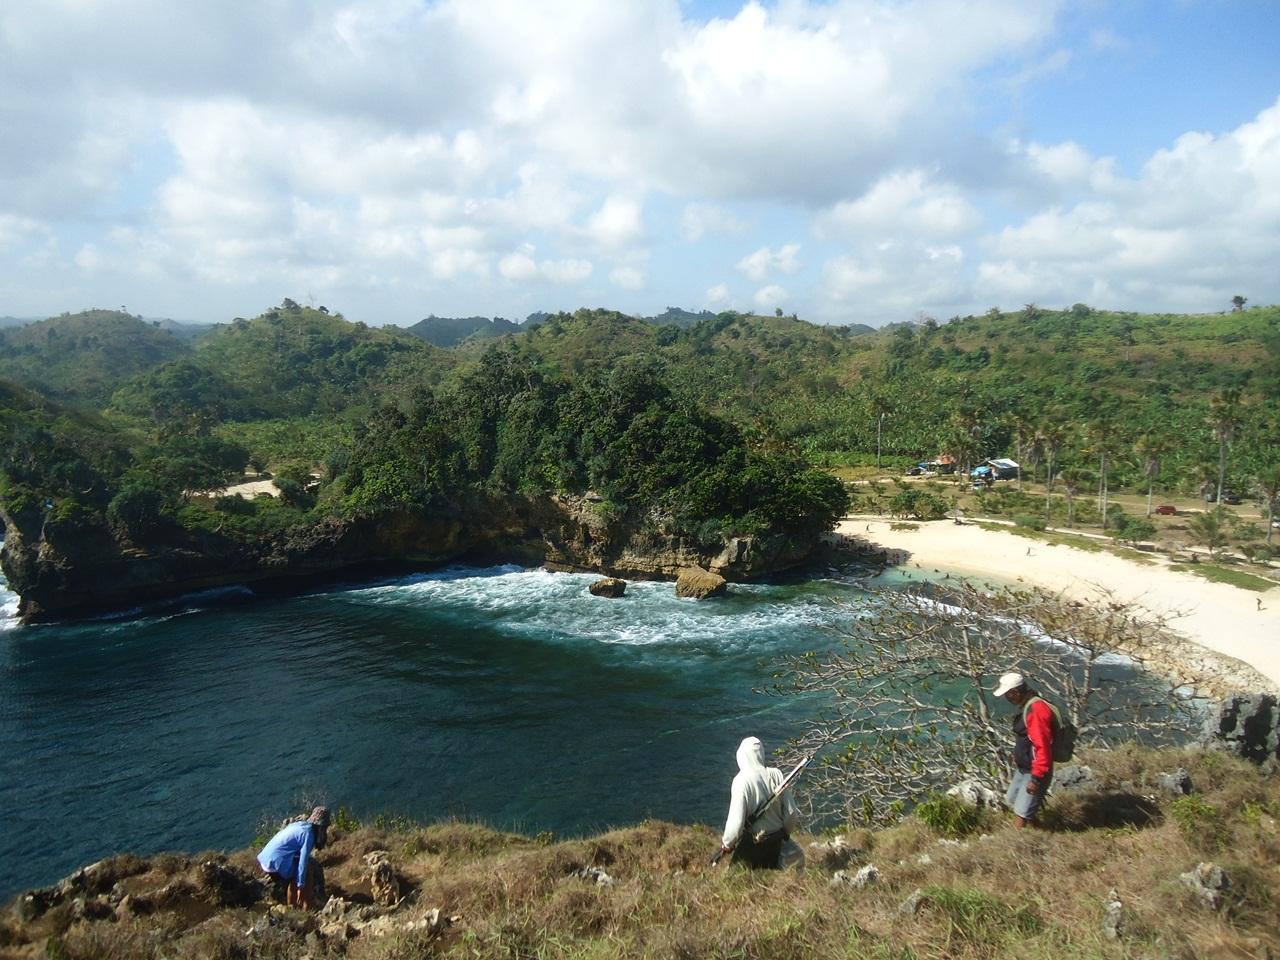 Mendaki Tebing Karang Pantai Batu Bengkung Ngalam Menuruni Feryarifian Blogspot